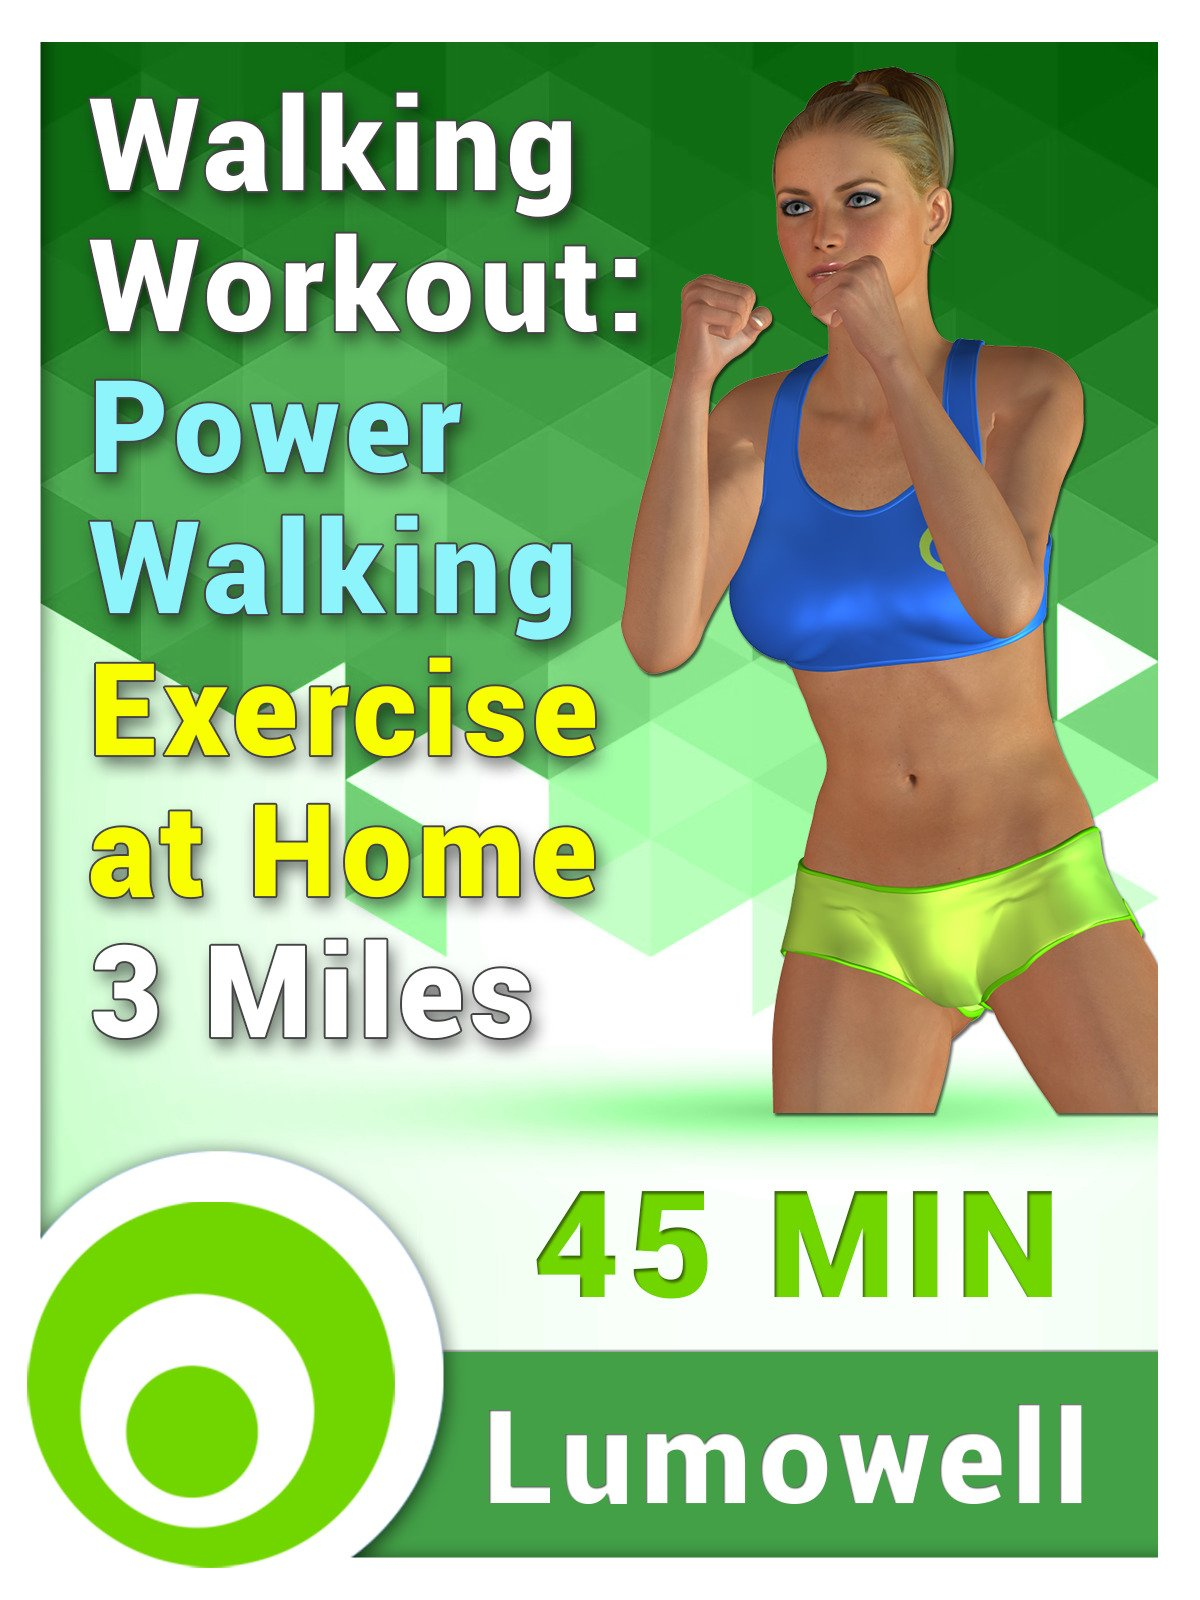 Walking Workout: Power walking exercise at home